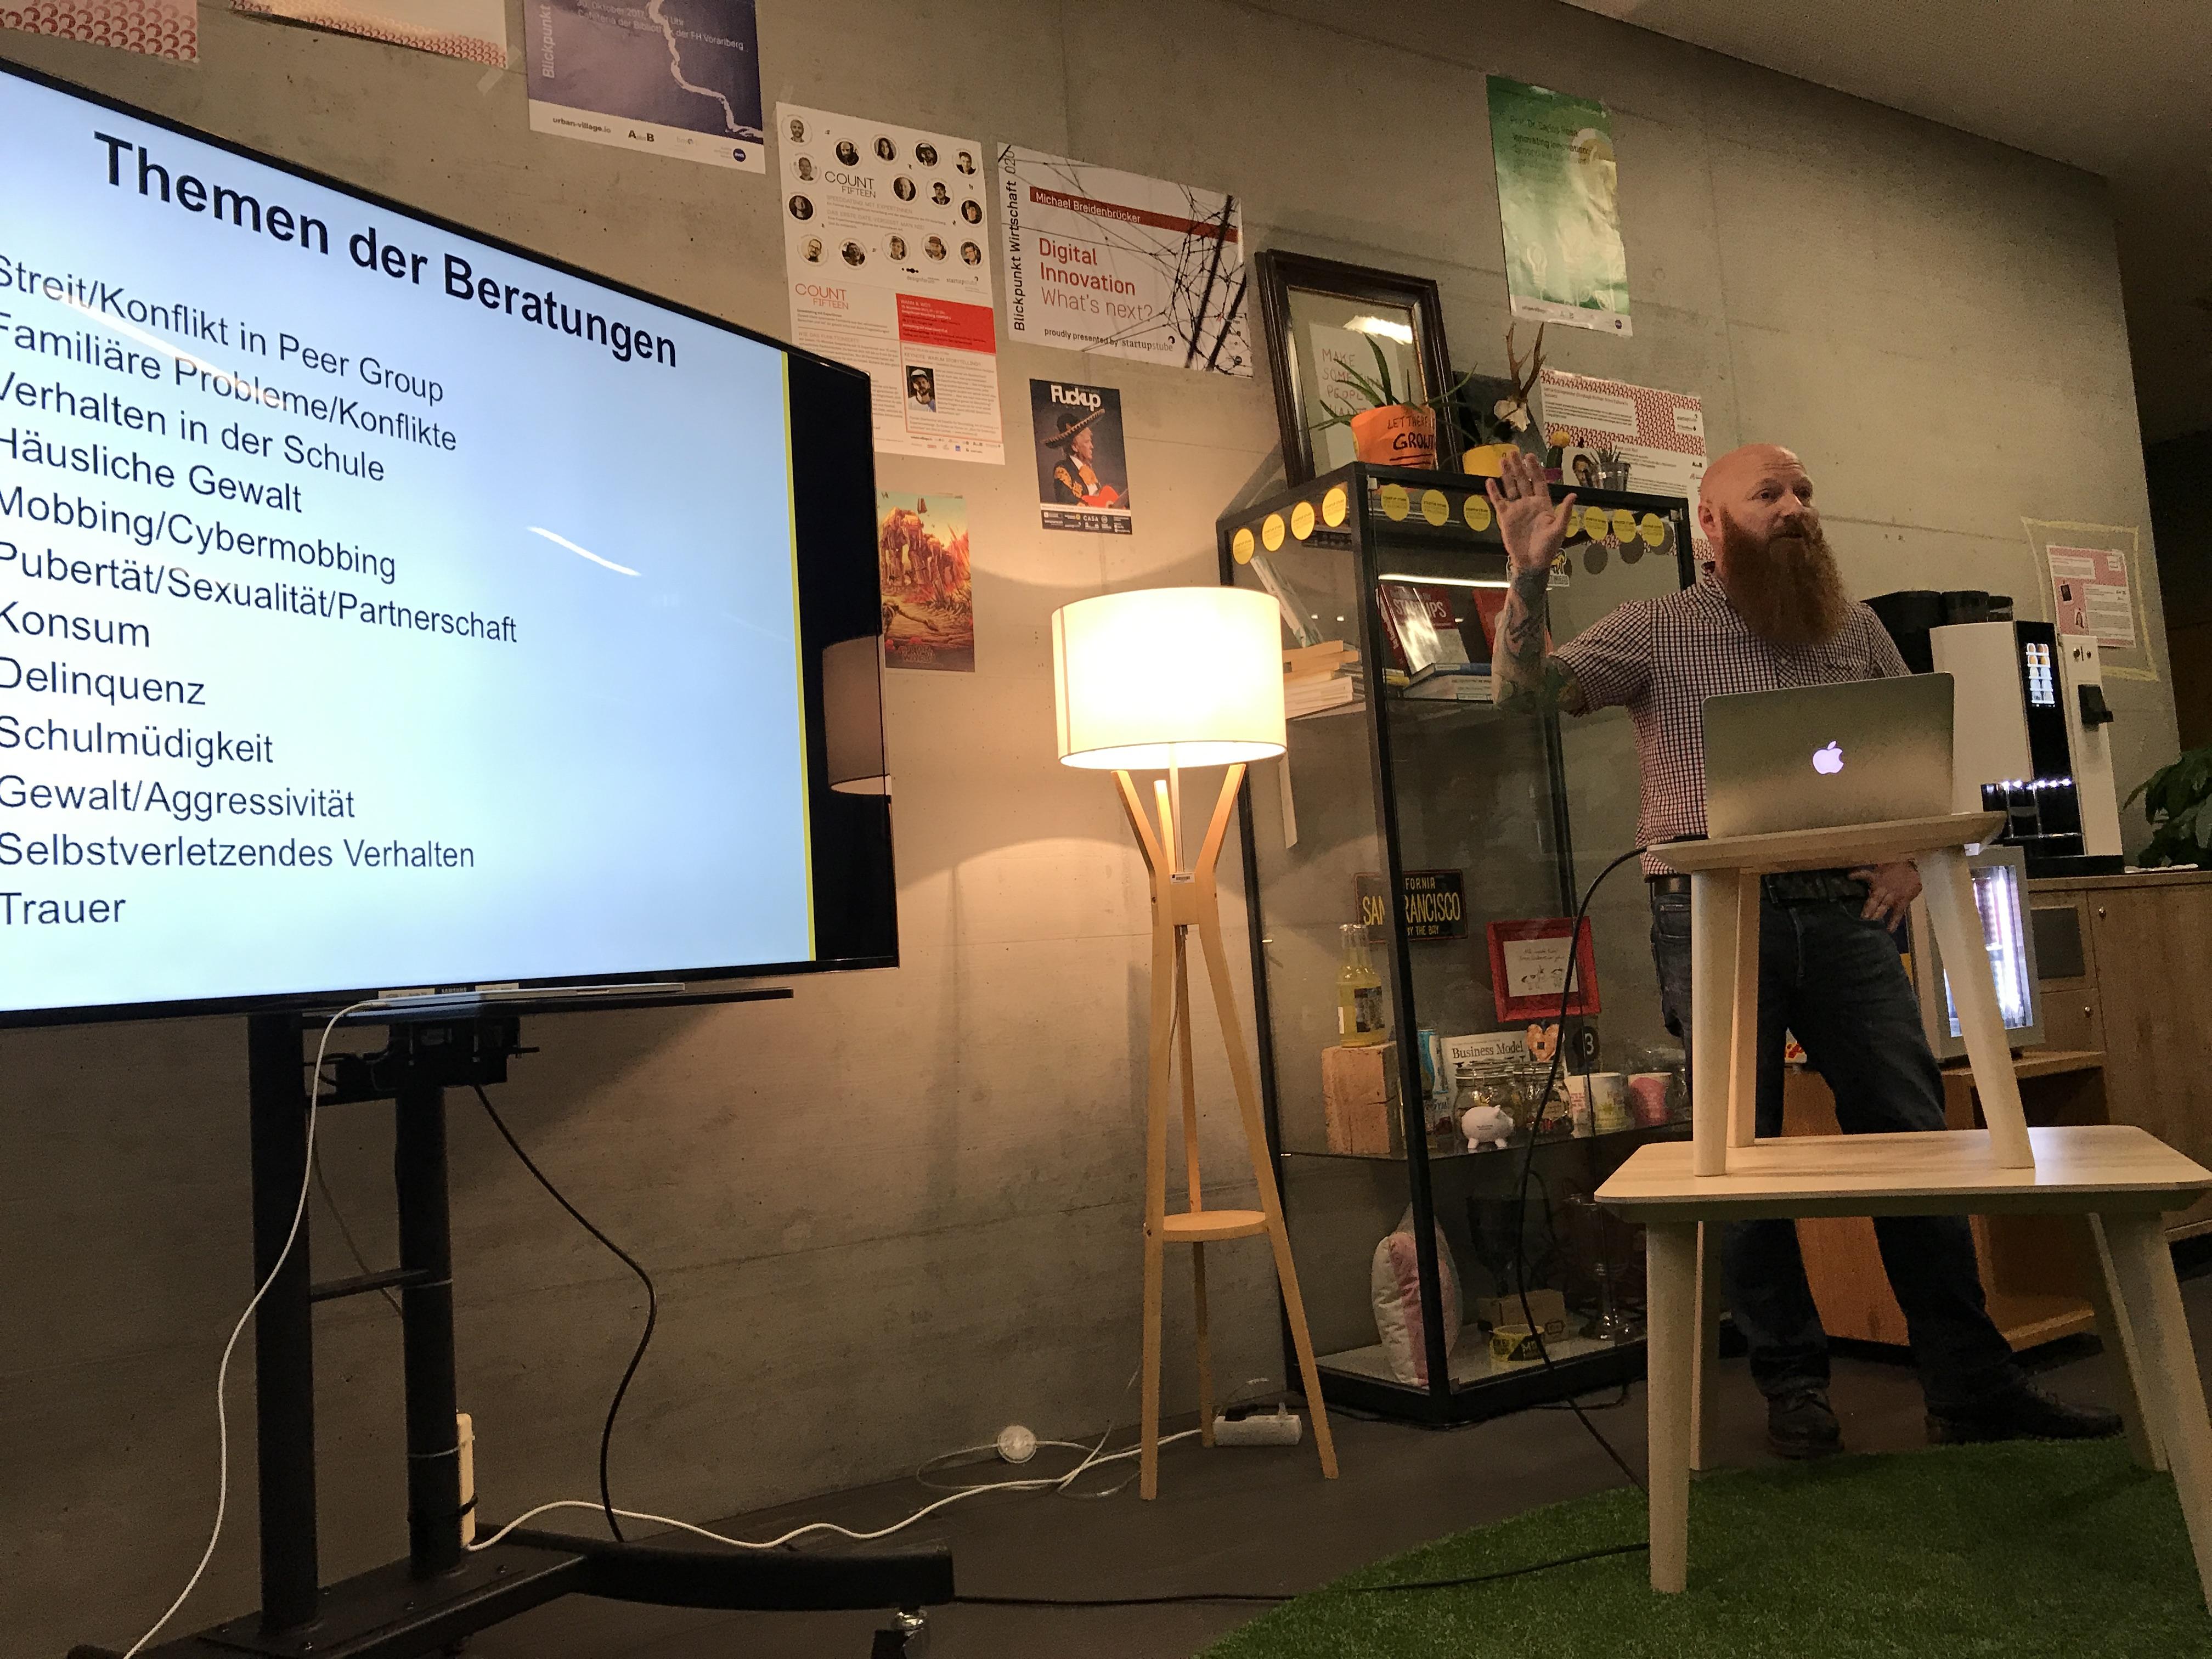 Du kannst die startupstube und Meetingräume für Präsentationen reservieren.